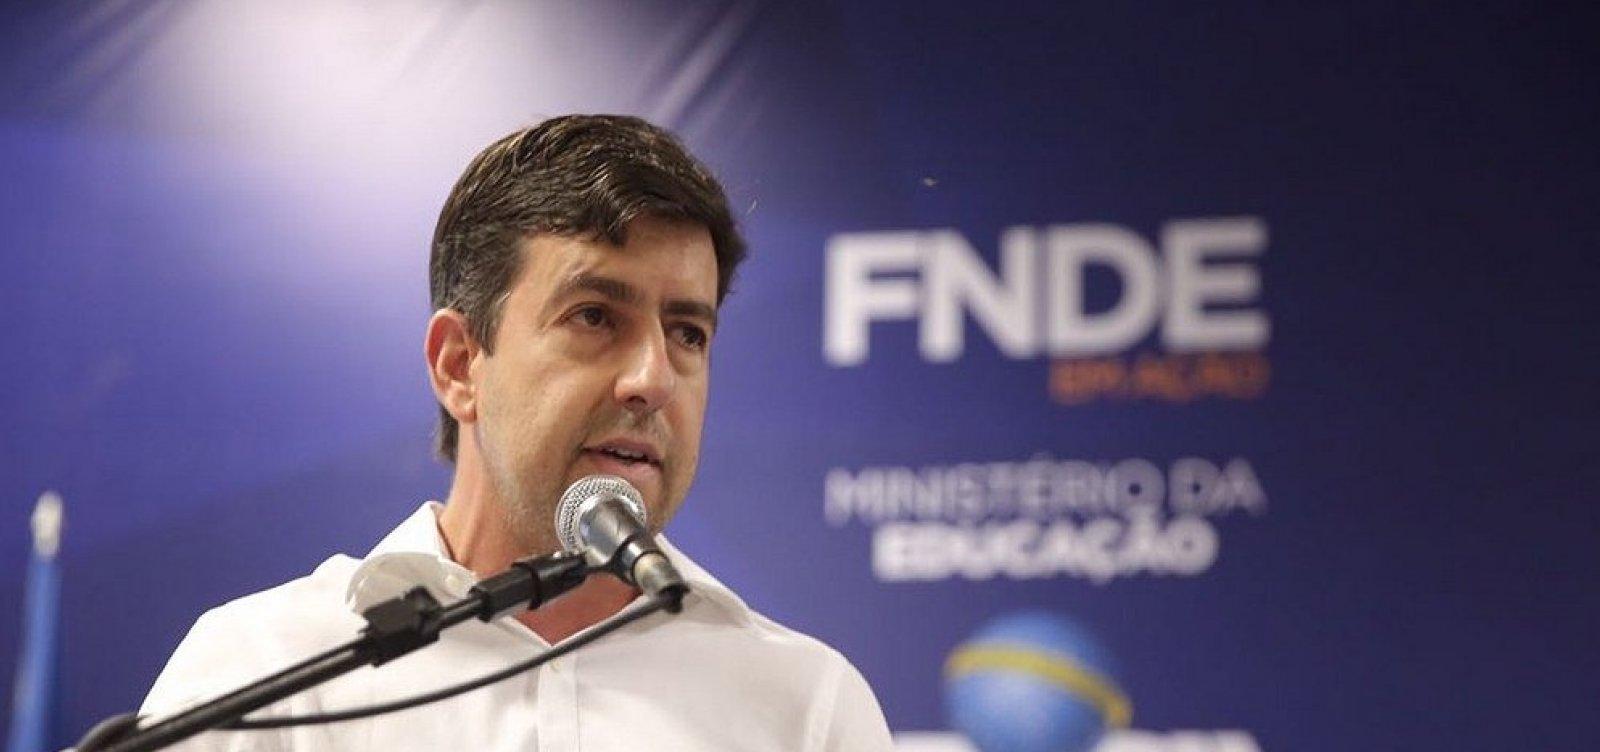 [Presidente do FNDE, Silvio Pinheiro quer retornar a Salvador]